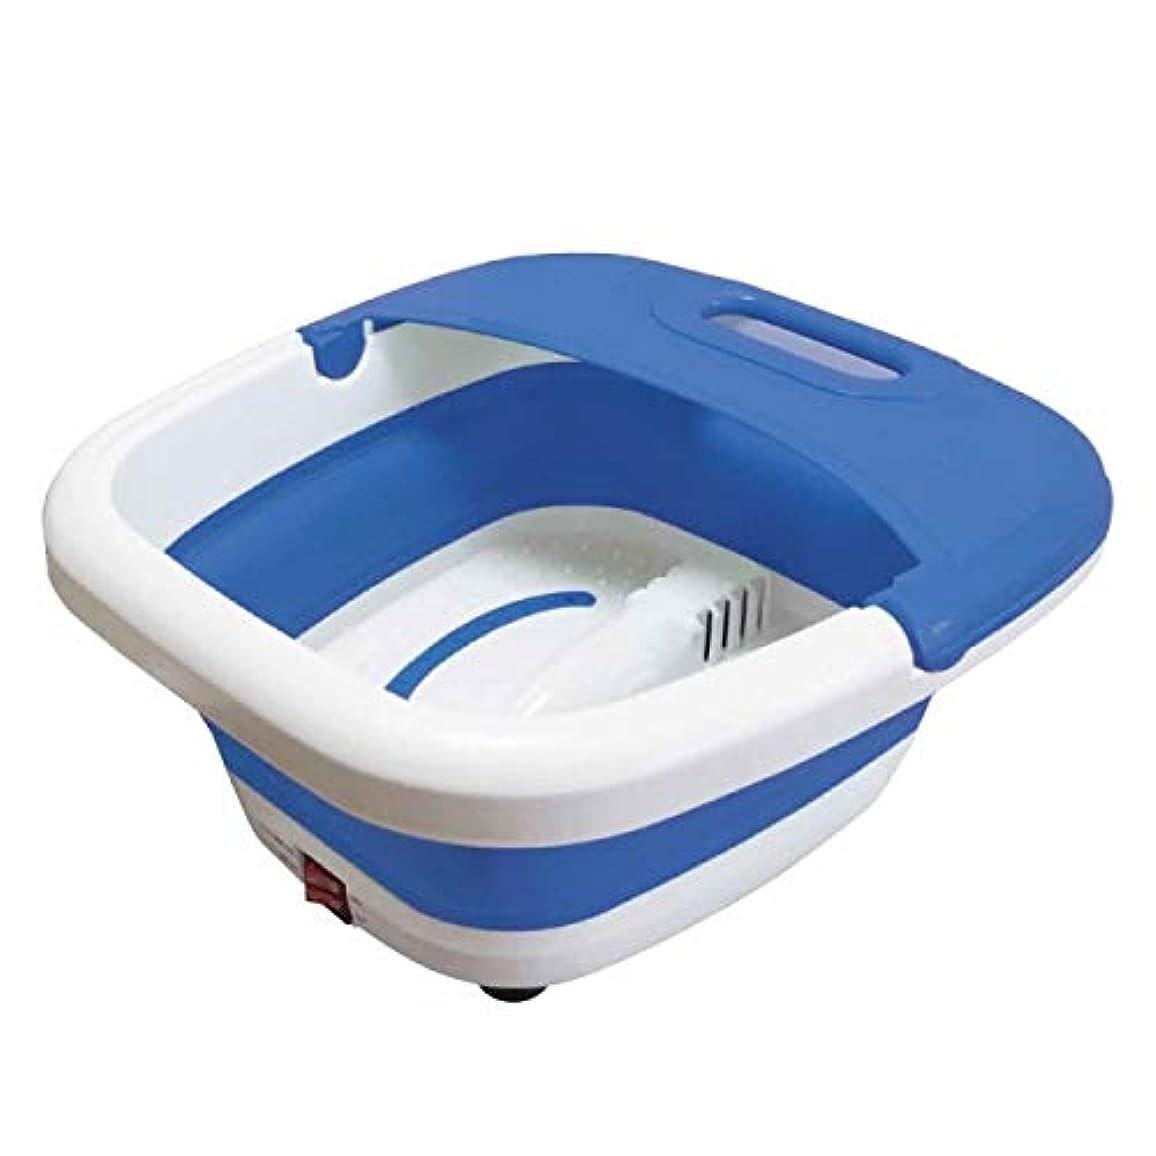 投獄形式池コンパクトに収納 バブル機能付き折りたたみフットバス 足湯効果ぽかぽか SIR-194